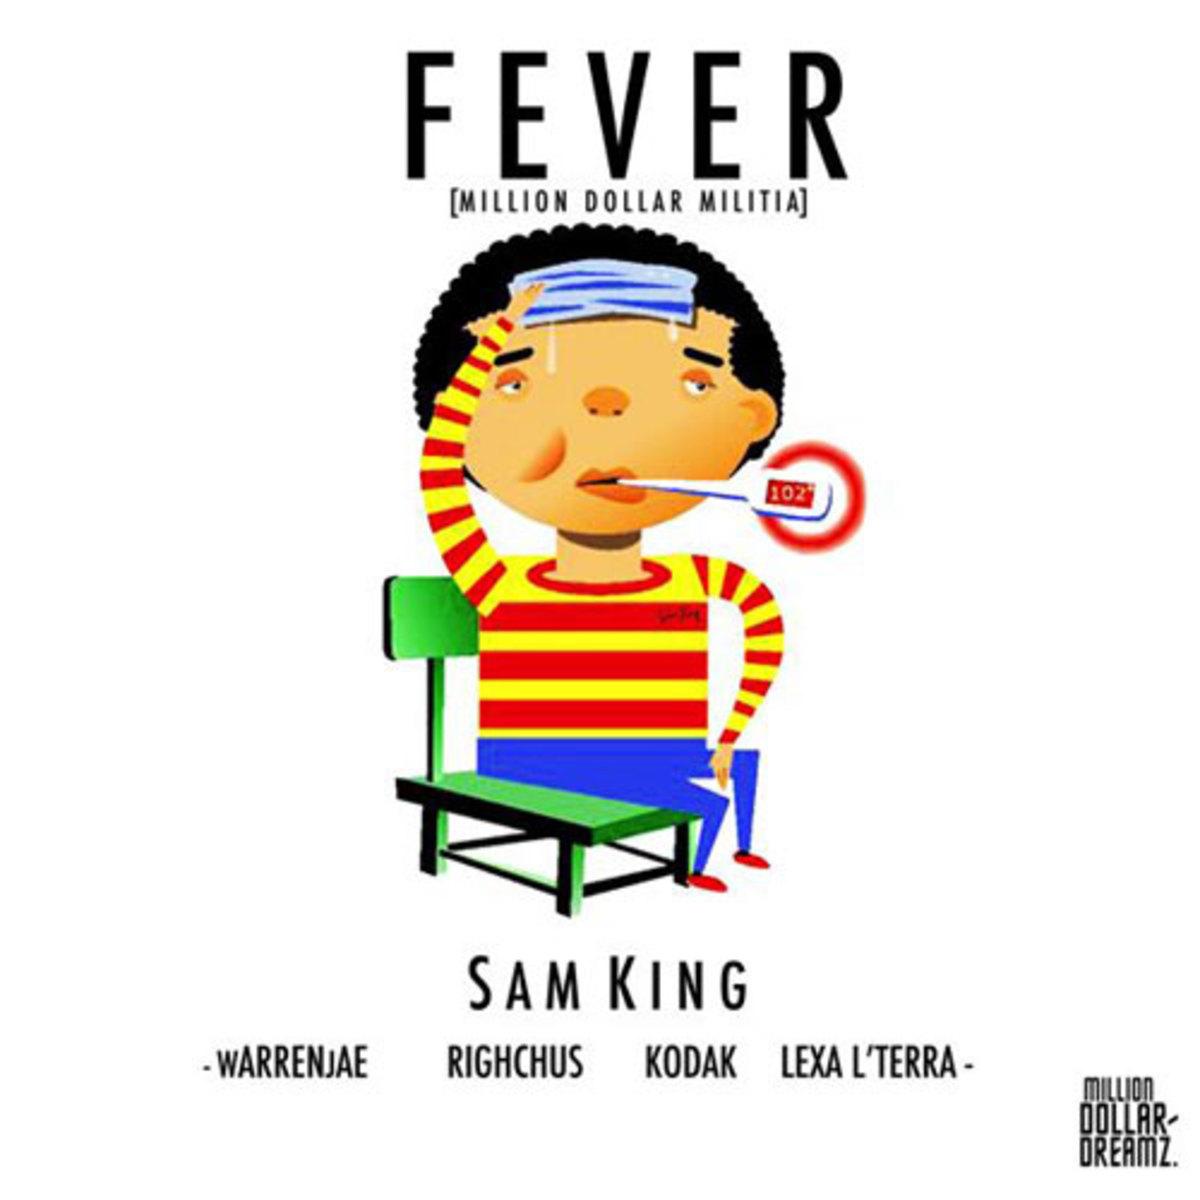 samking-fever.jpg